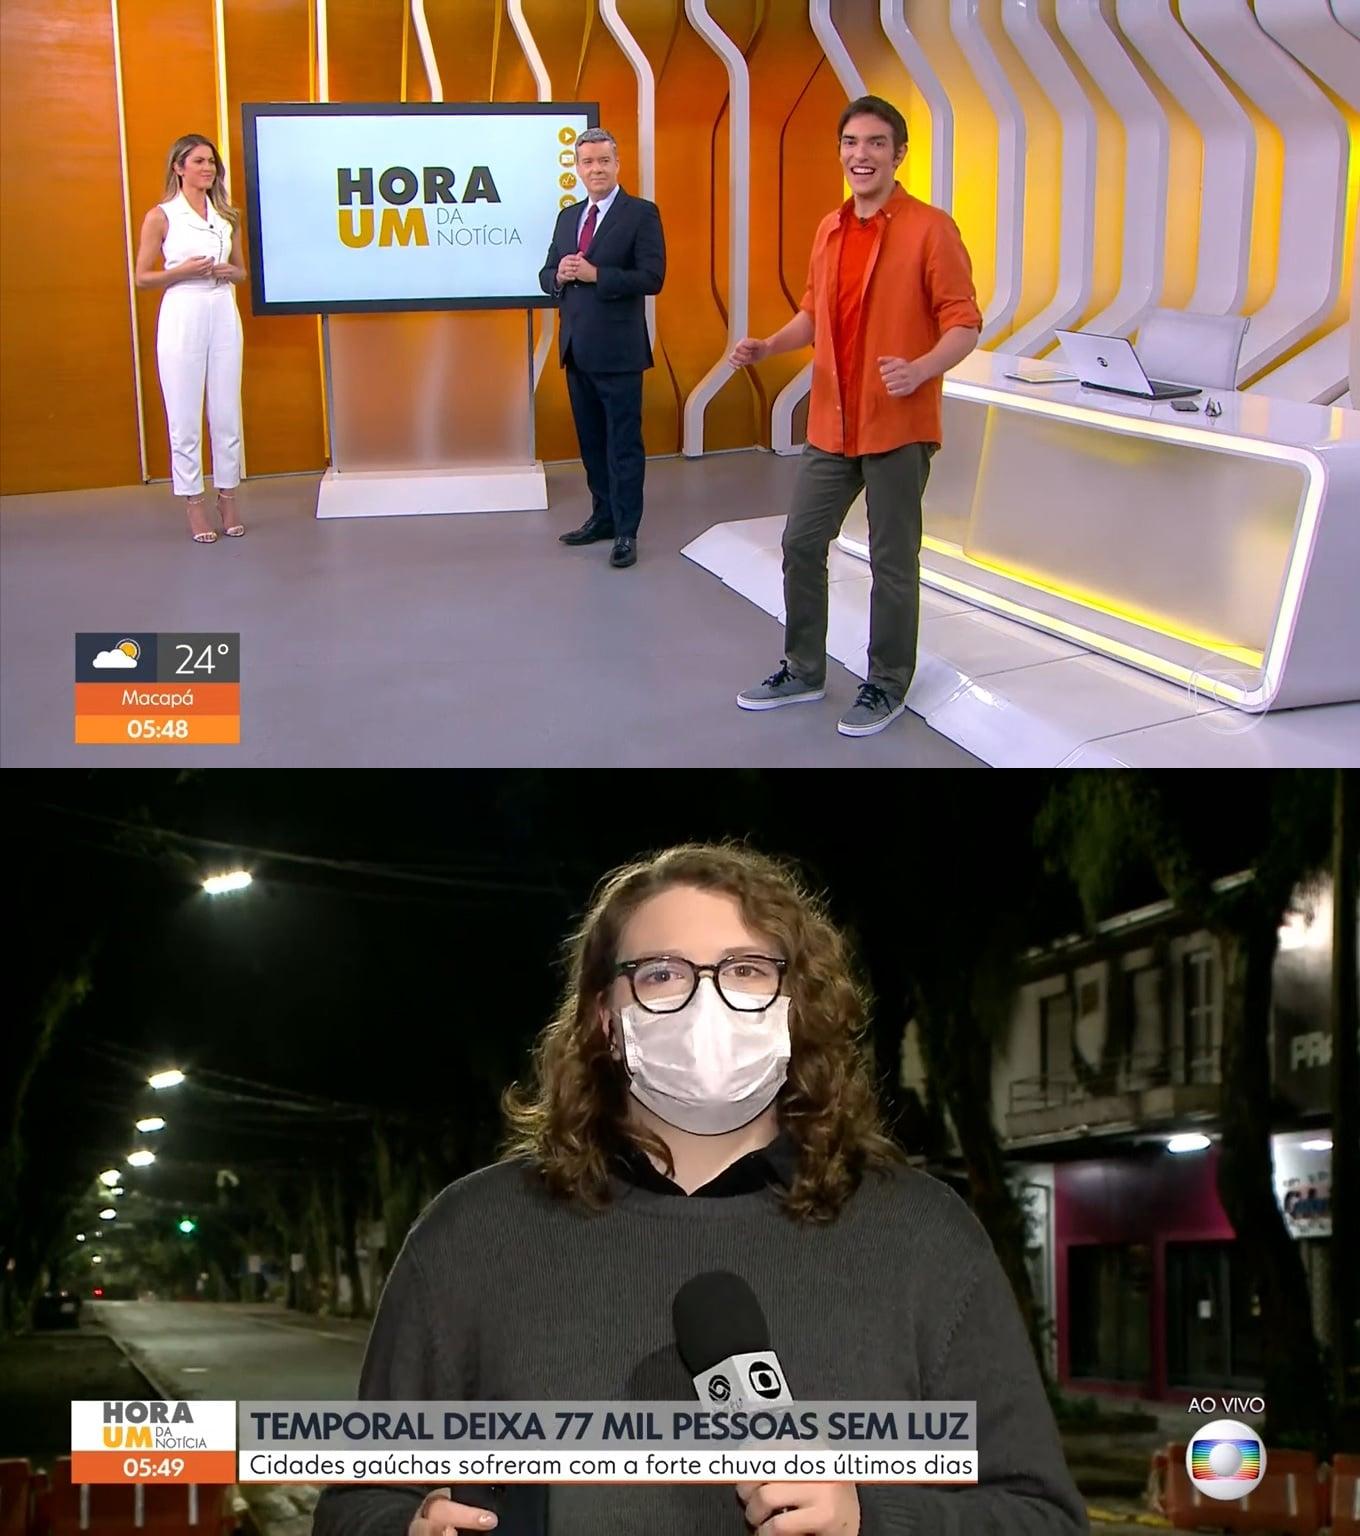 Hora 1 ganhou novo pacote gráfico, com mais informações na tela (foto: Reprodução/TV Globo)